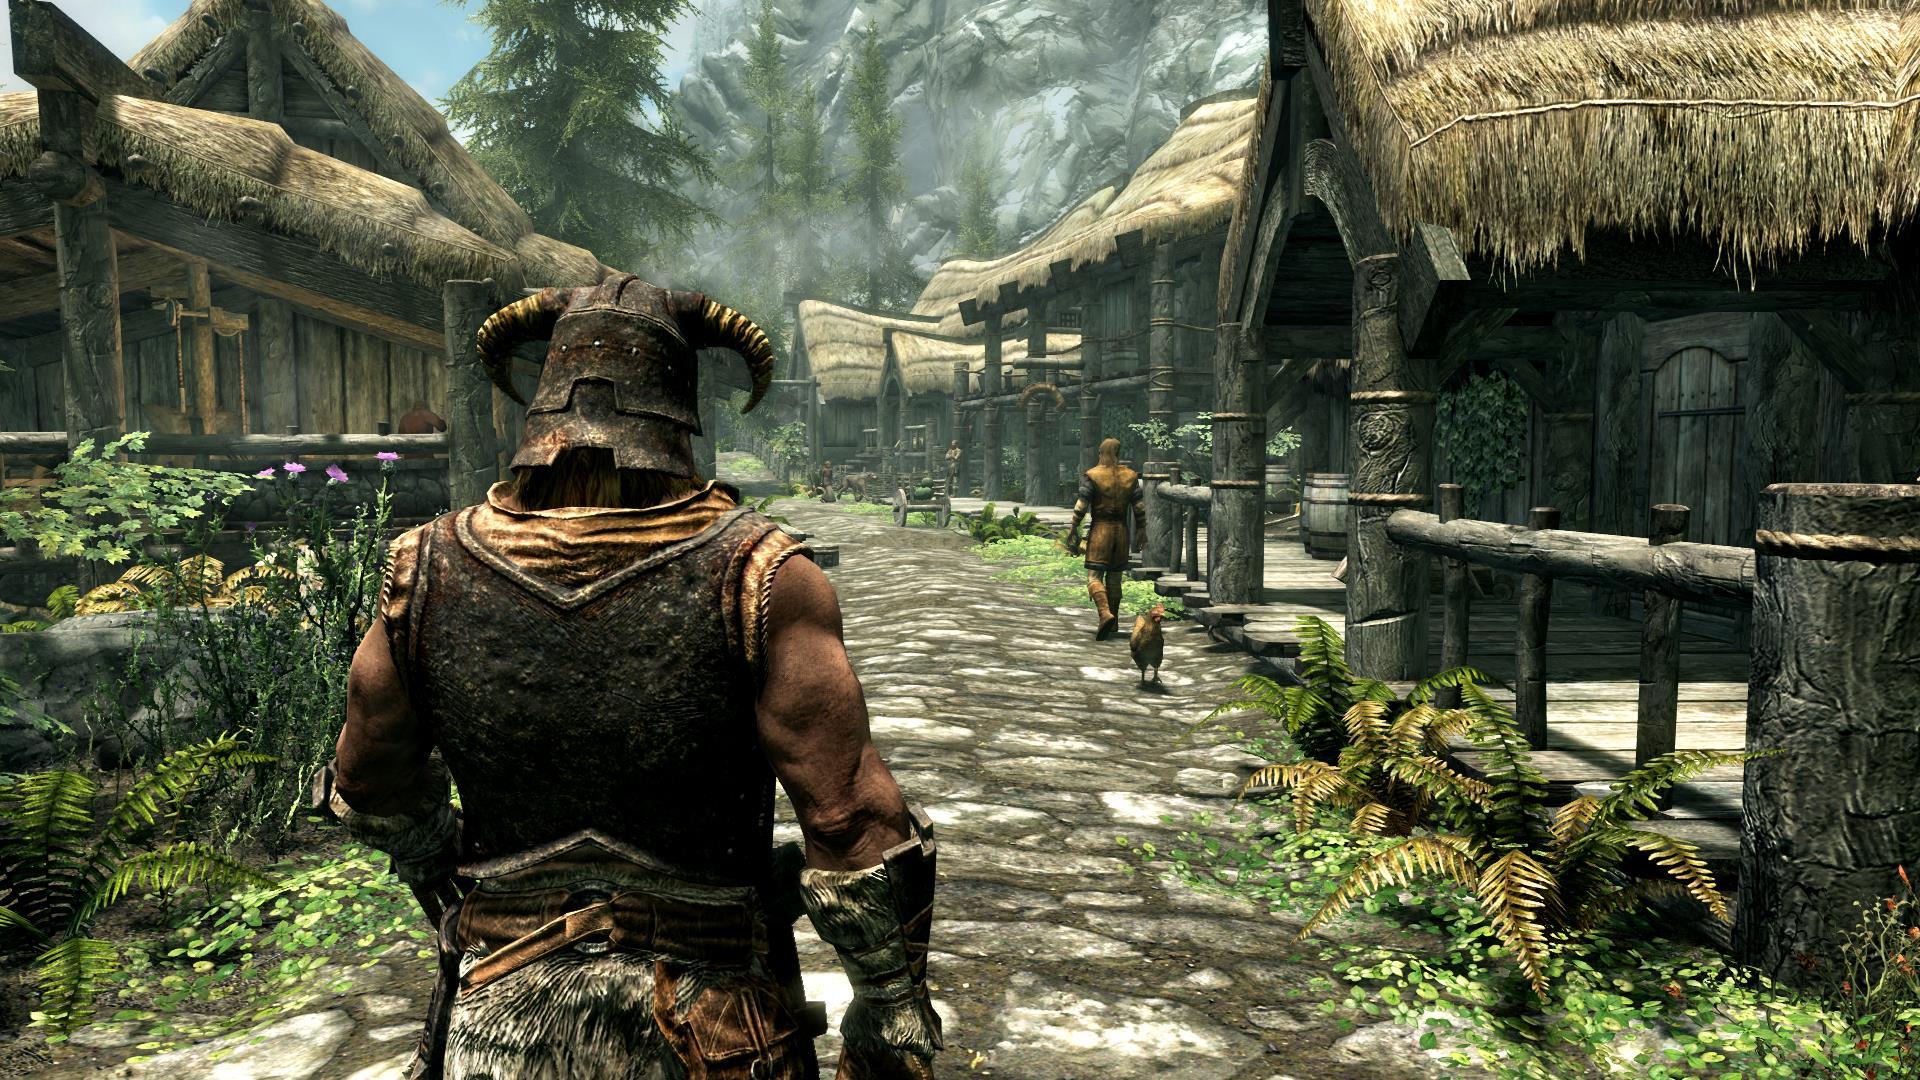 Bethesda Sony Fallout 4 Skyrim Mods